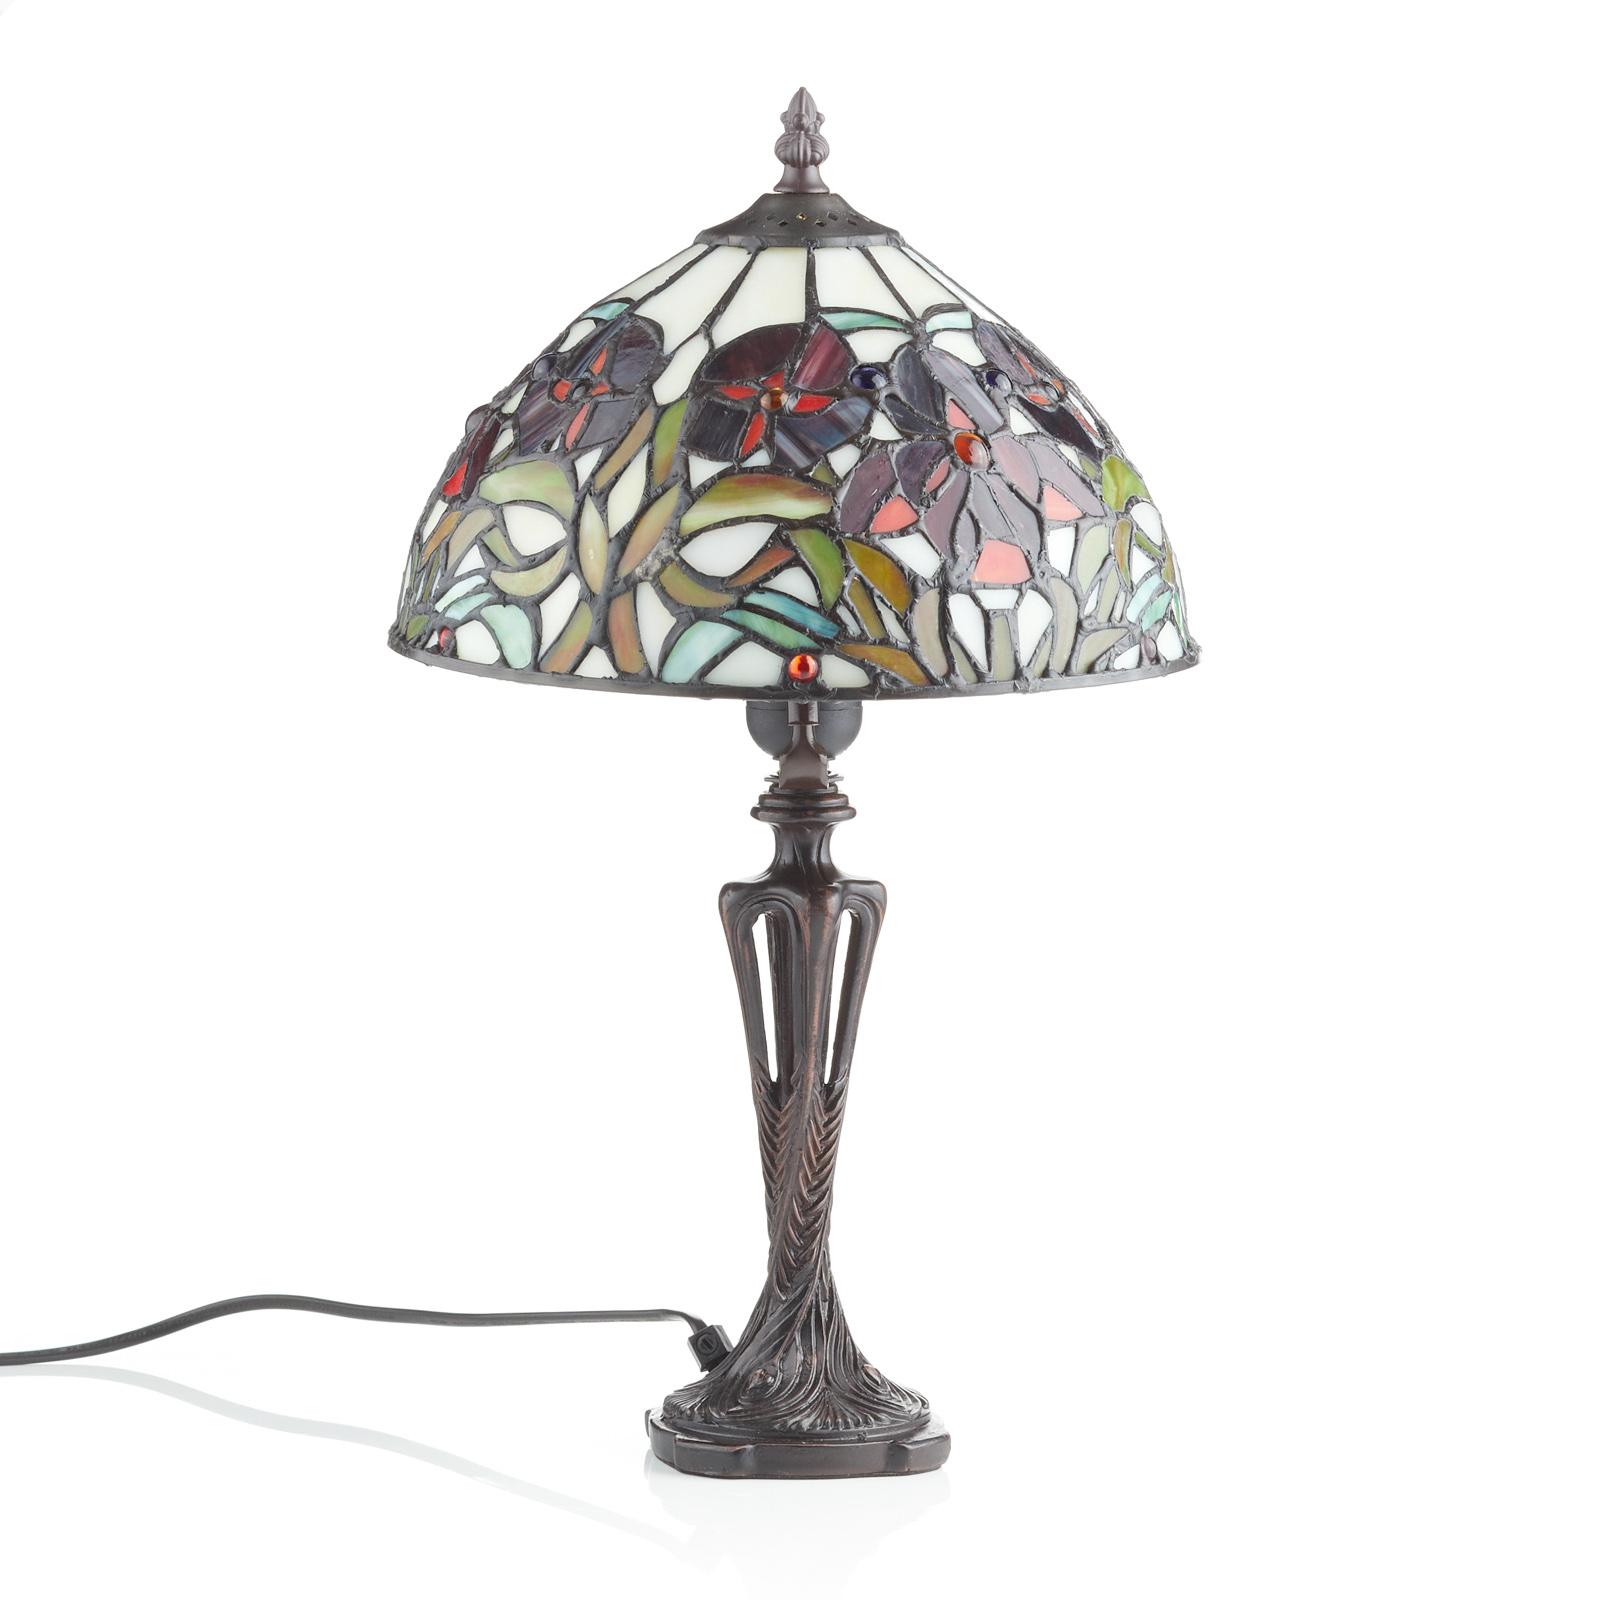 ELINE klassische Tiffany-Stil-Tischleuchte 40 cm